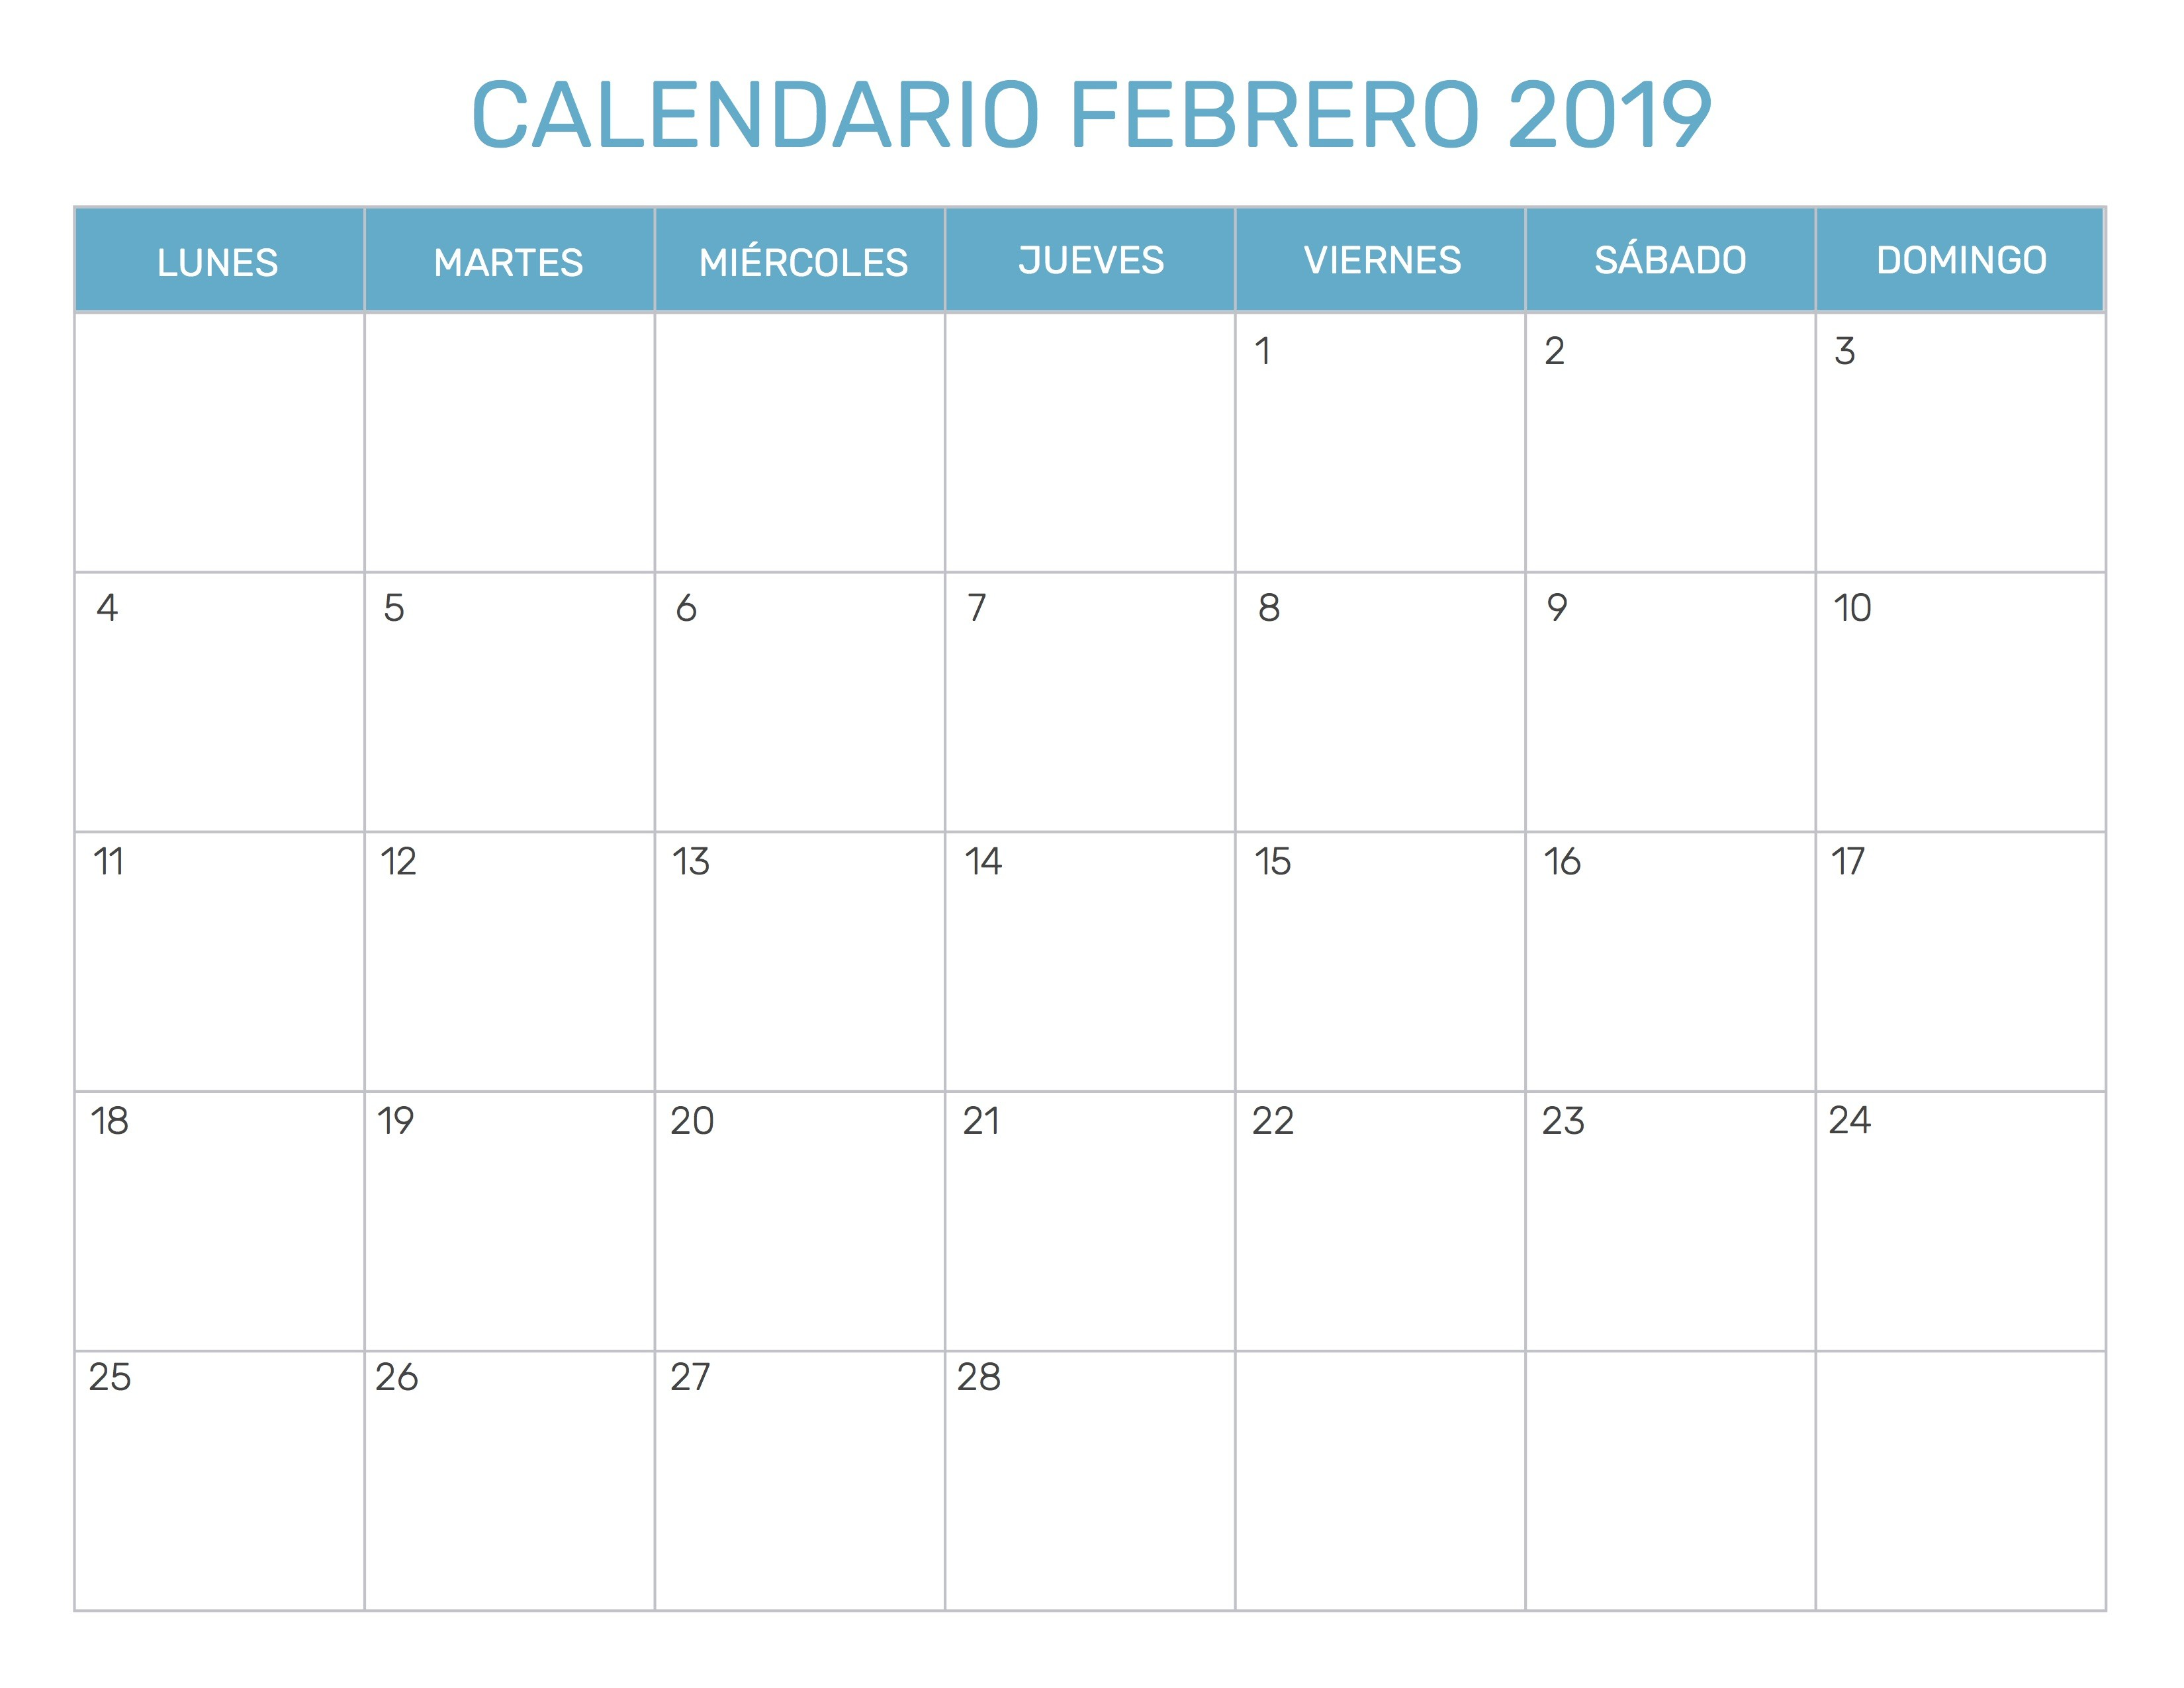 Imprimir Calendario 2019 Catalunya Mejores Y Más Novedosos Calendario Escolar 2018 2019 Más De 100 Plantillas E Imágenes Para Of Imprimir Calendario 2019 Catalunya Más Populares Tablas Retributivas Personal Funcionario Enero Junio 2018